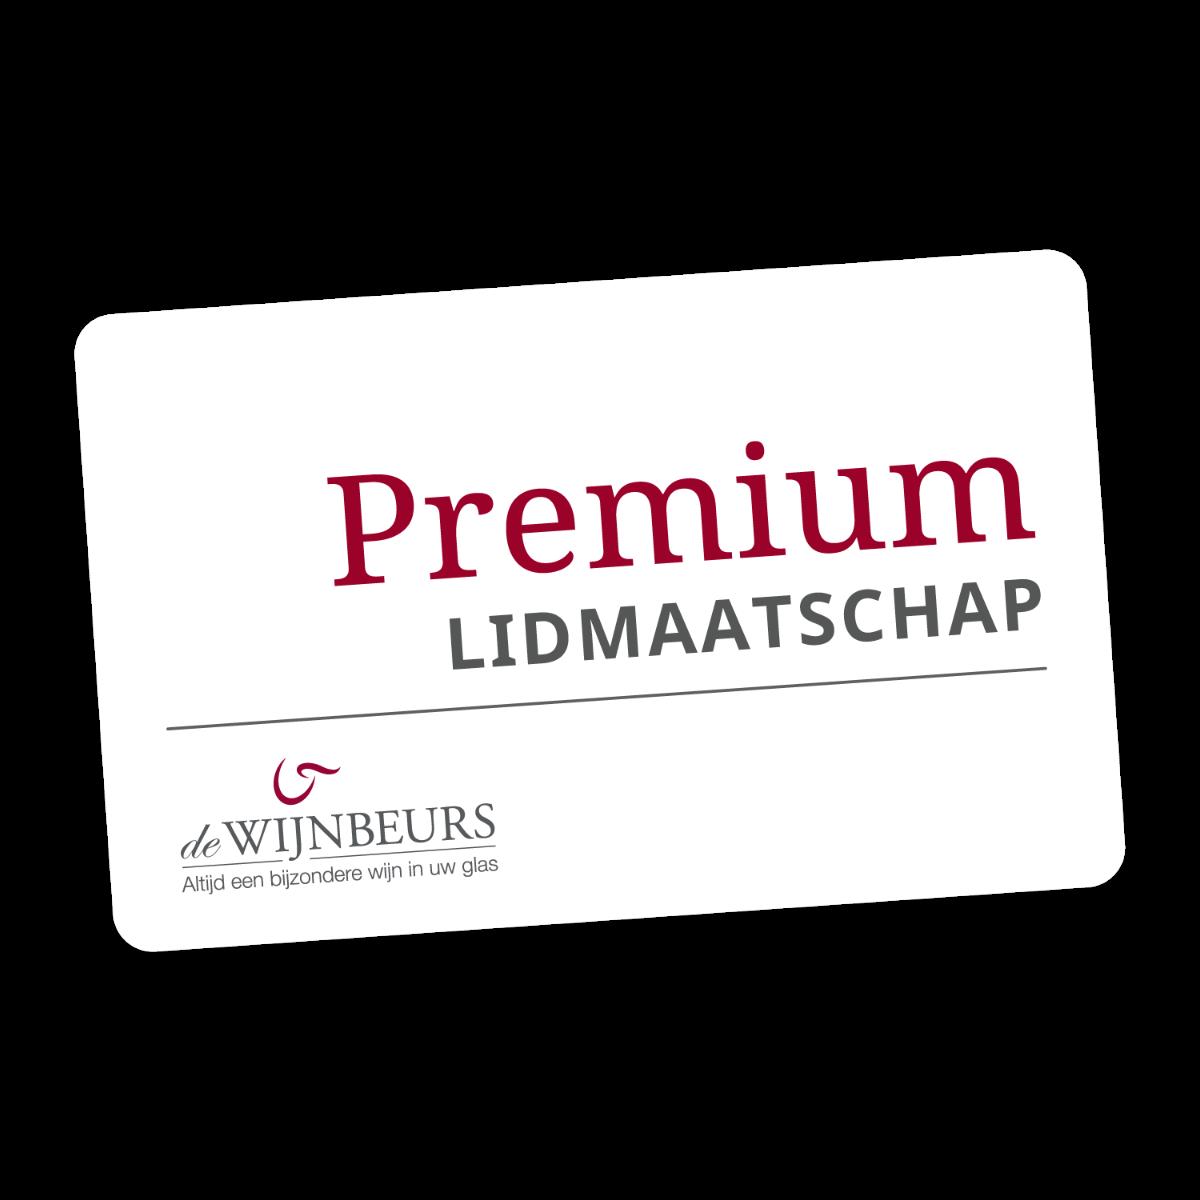 Premium lidmaatschap